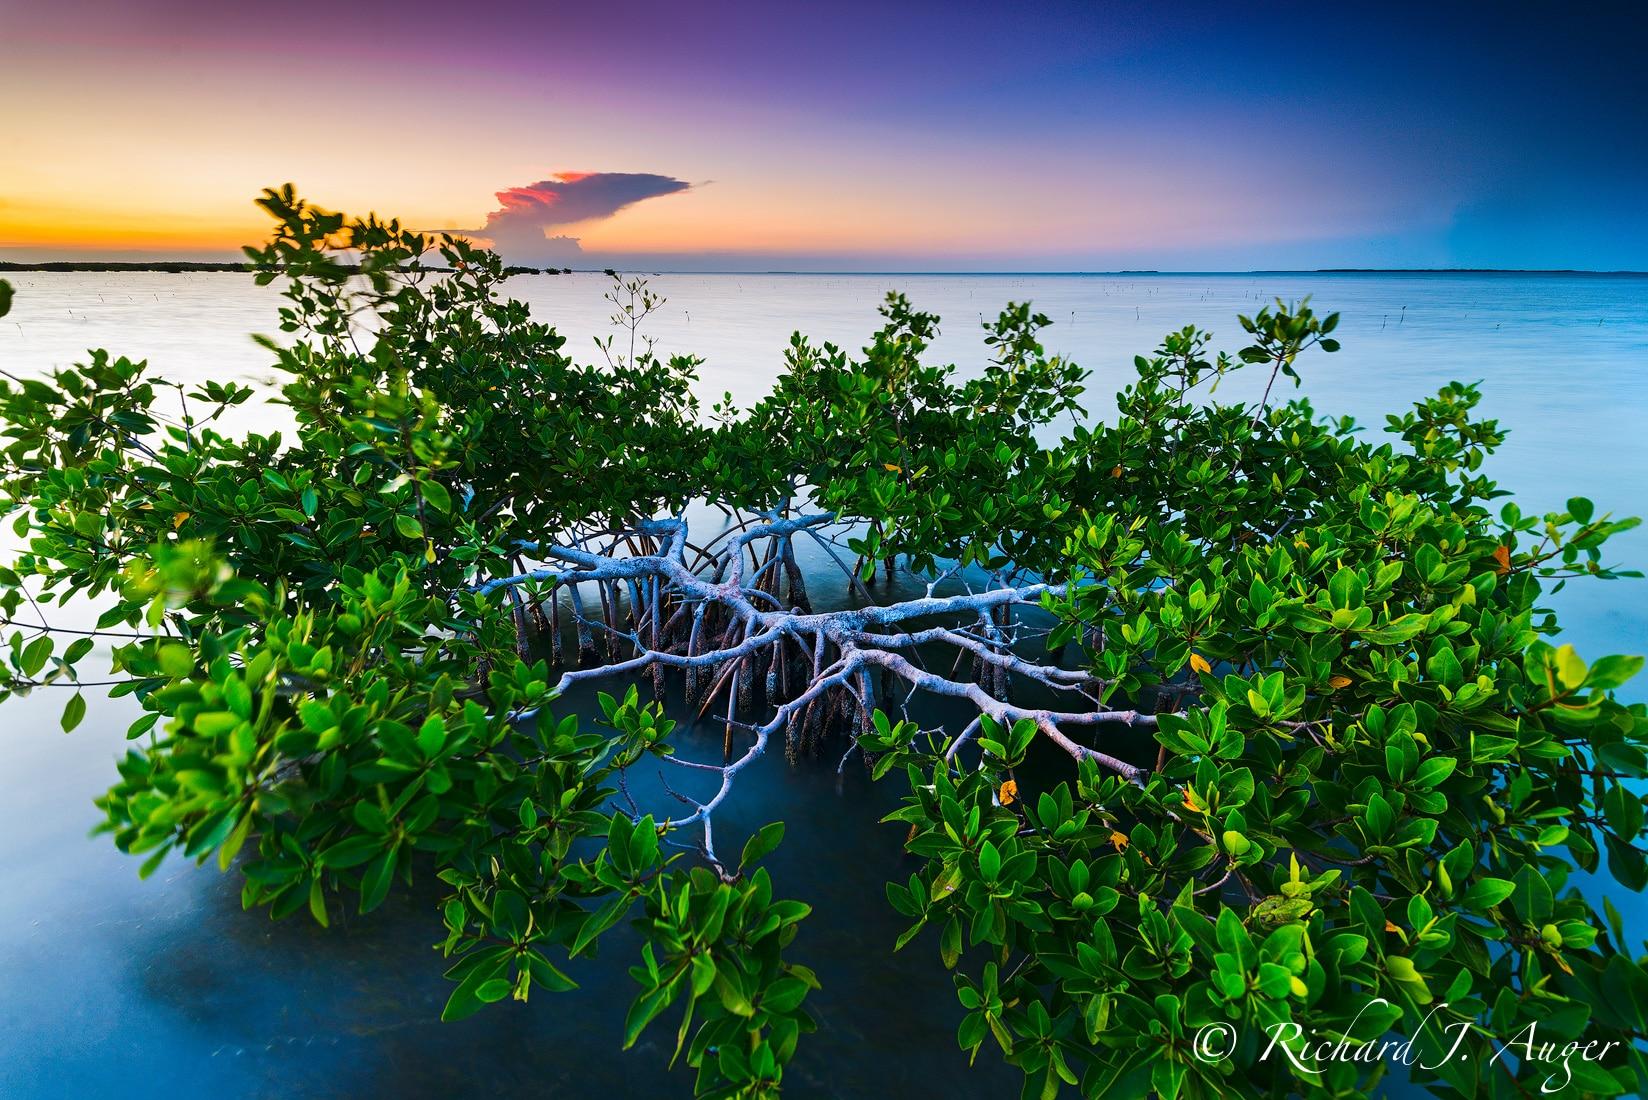 Mangrove, Florida Bay, Florida Keys, Sunset, Nature, Ocean, Calm